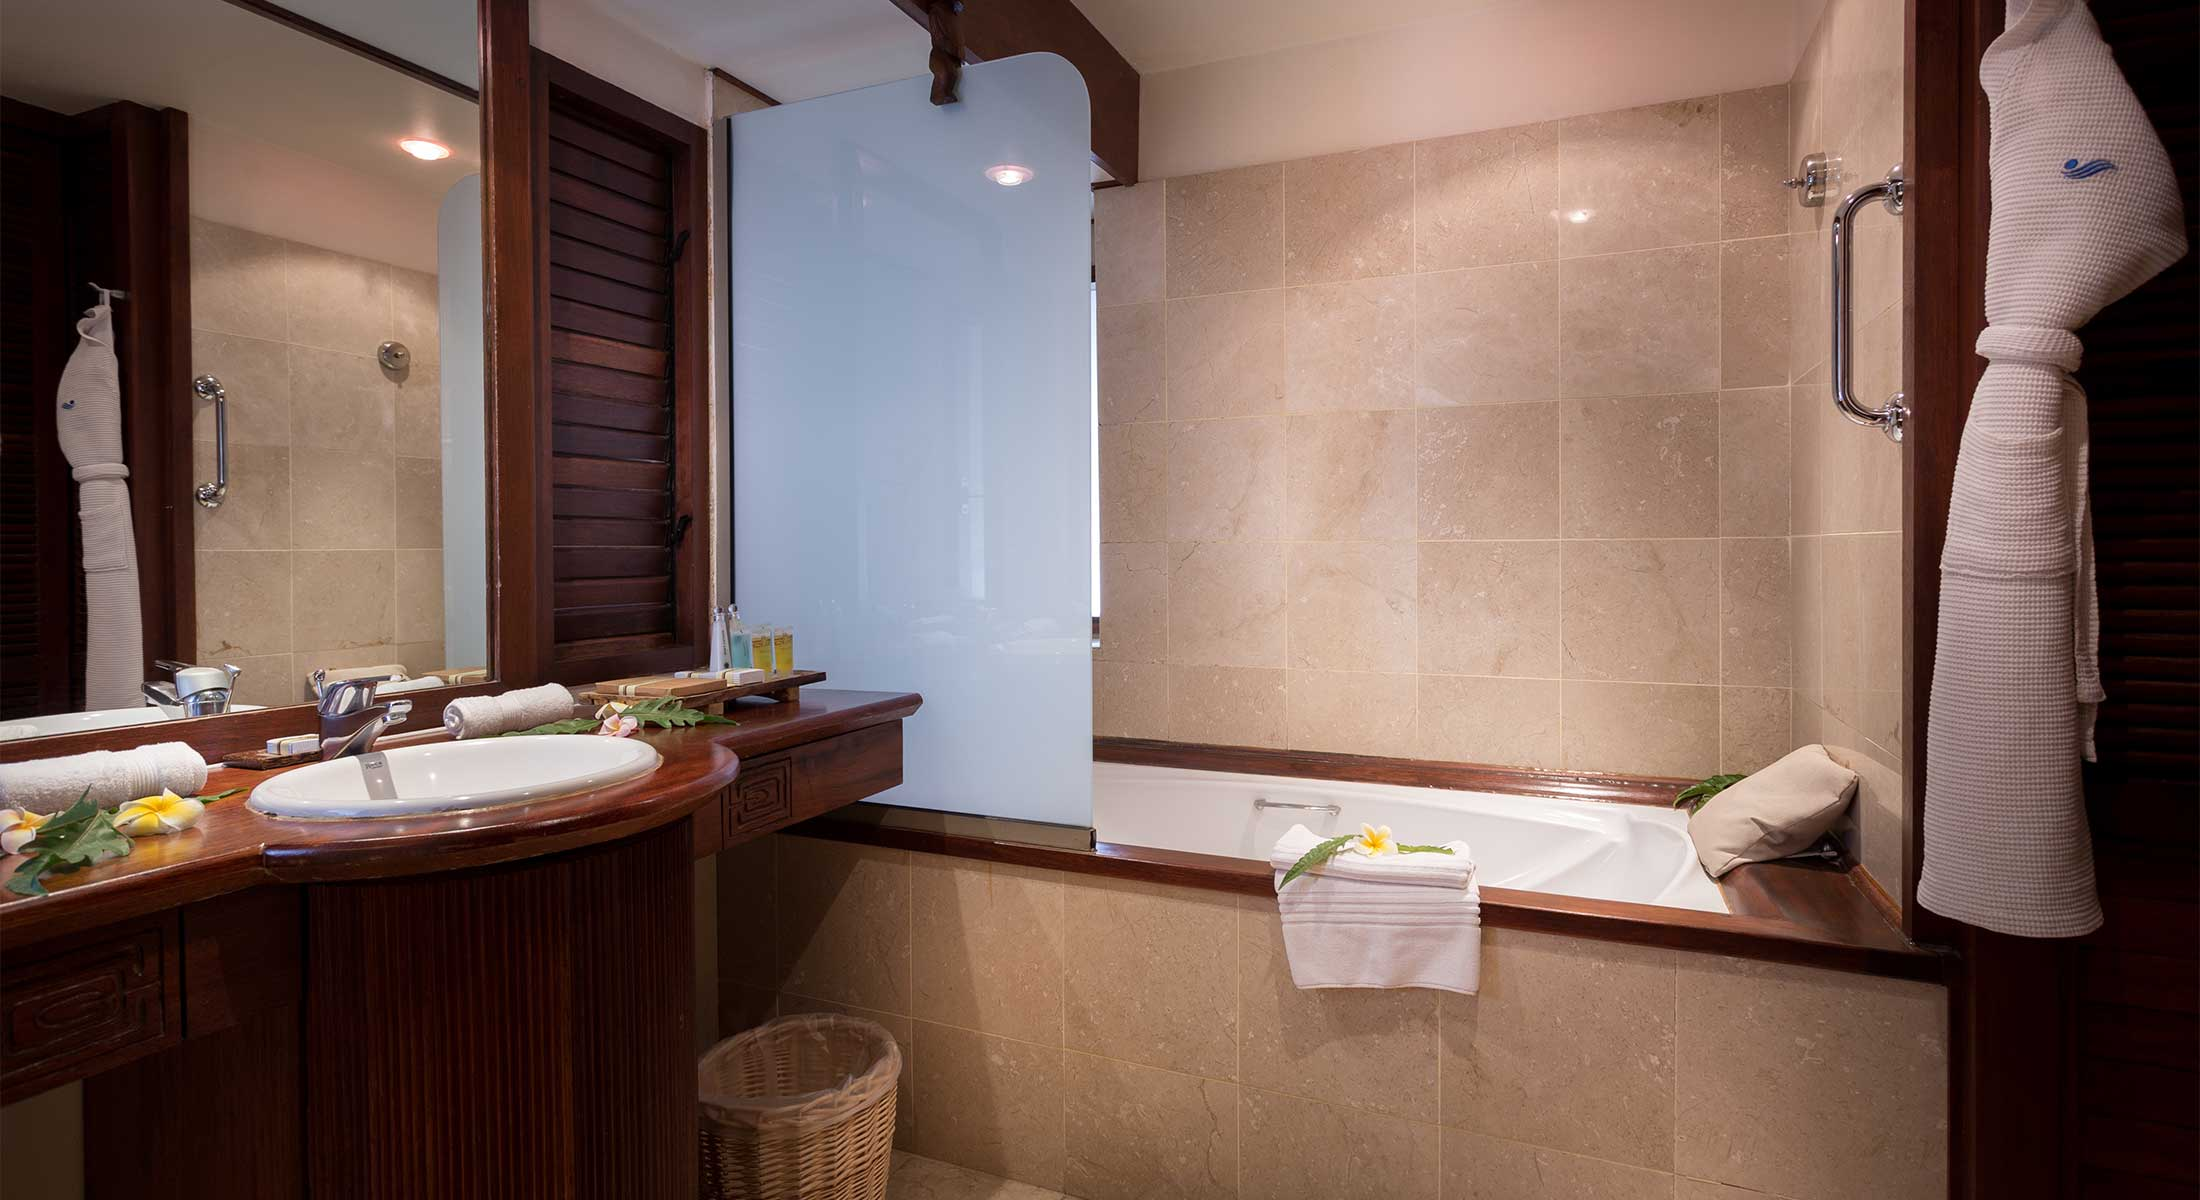 Salle De Bain Bungalow ~ manava beach resort spa hotel moorea bungalow pilotis premium